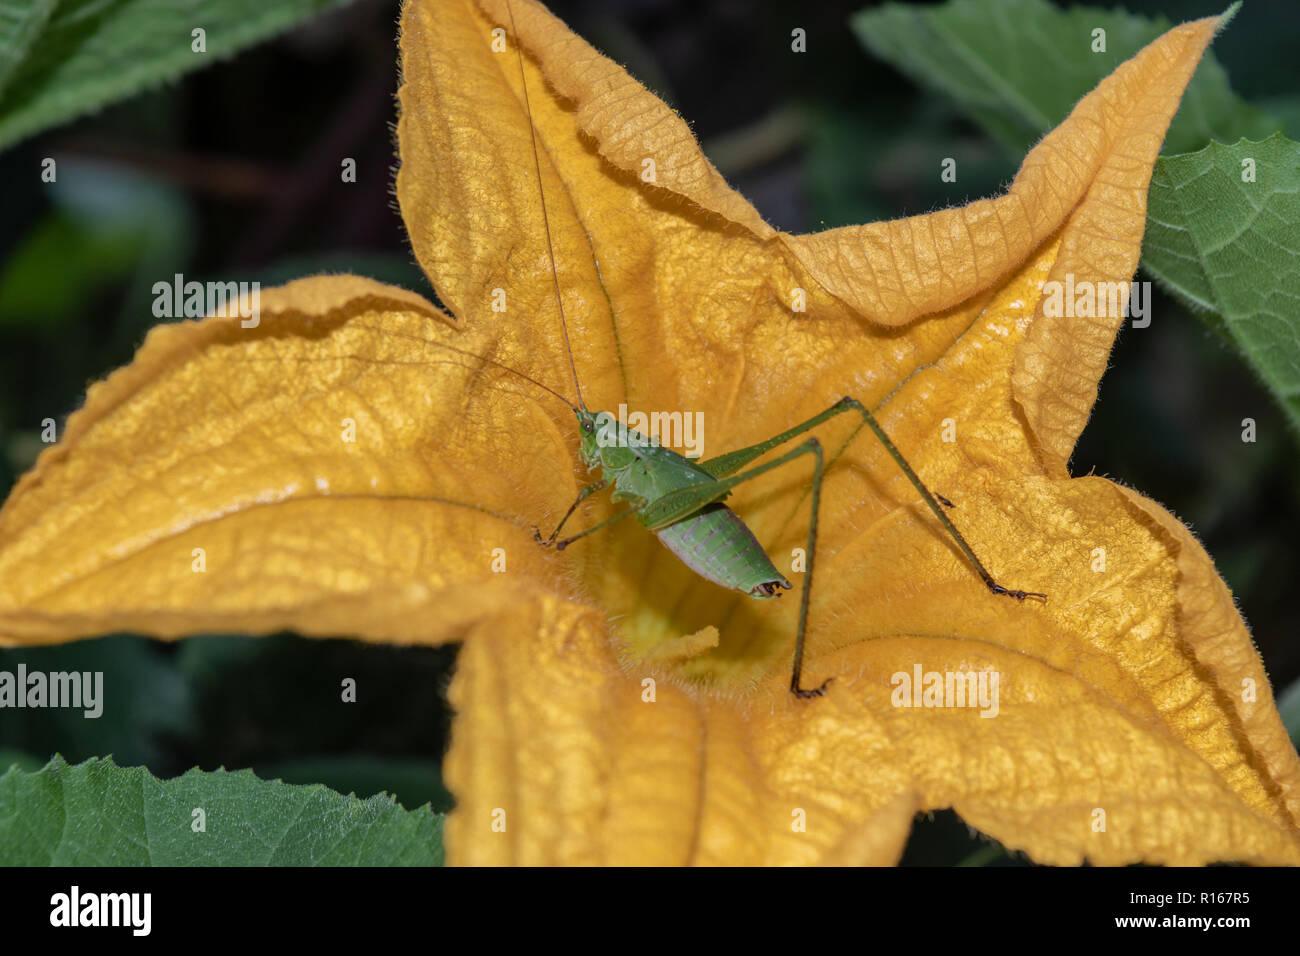 Eine grüne katydid in einem gelben Zucchini Blüte Stockbild